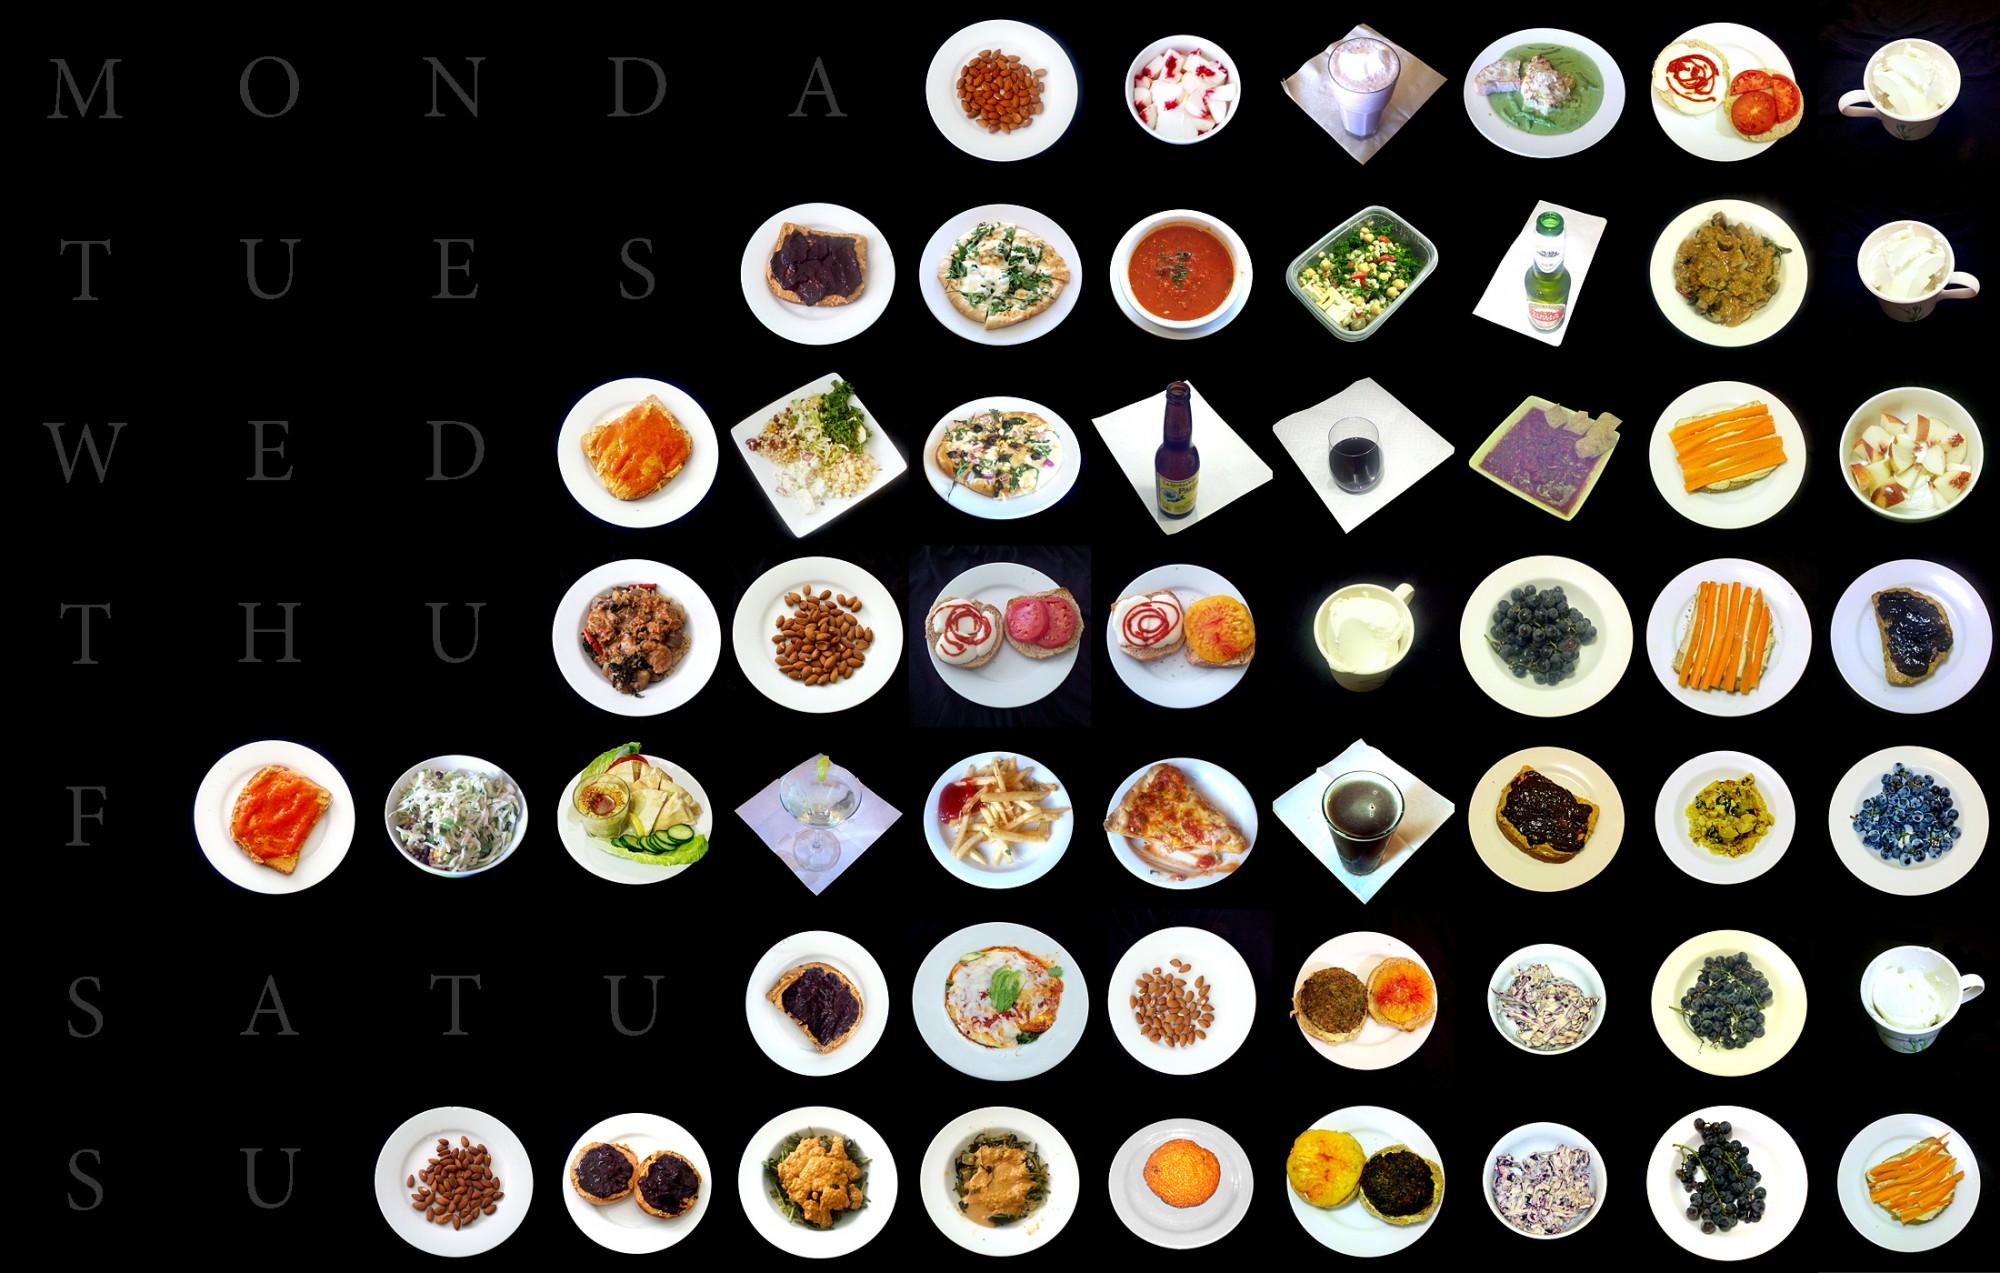 Dieta-e1411329755723.jpg